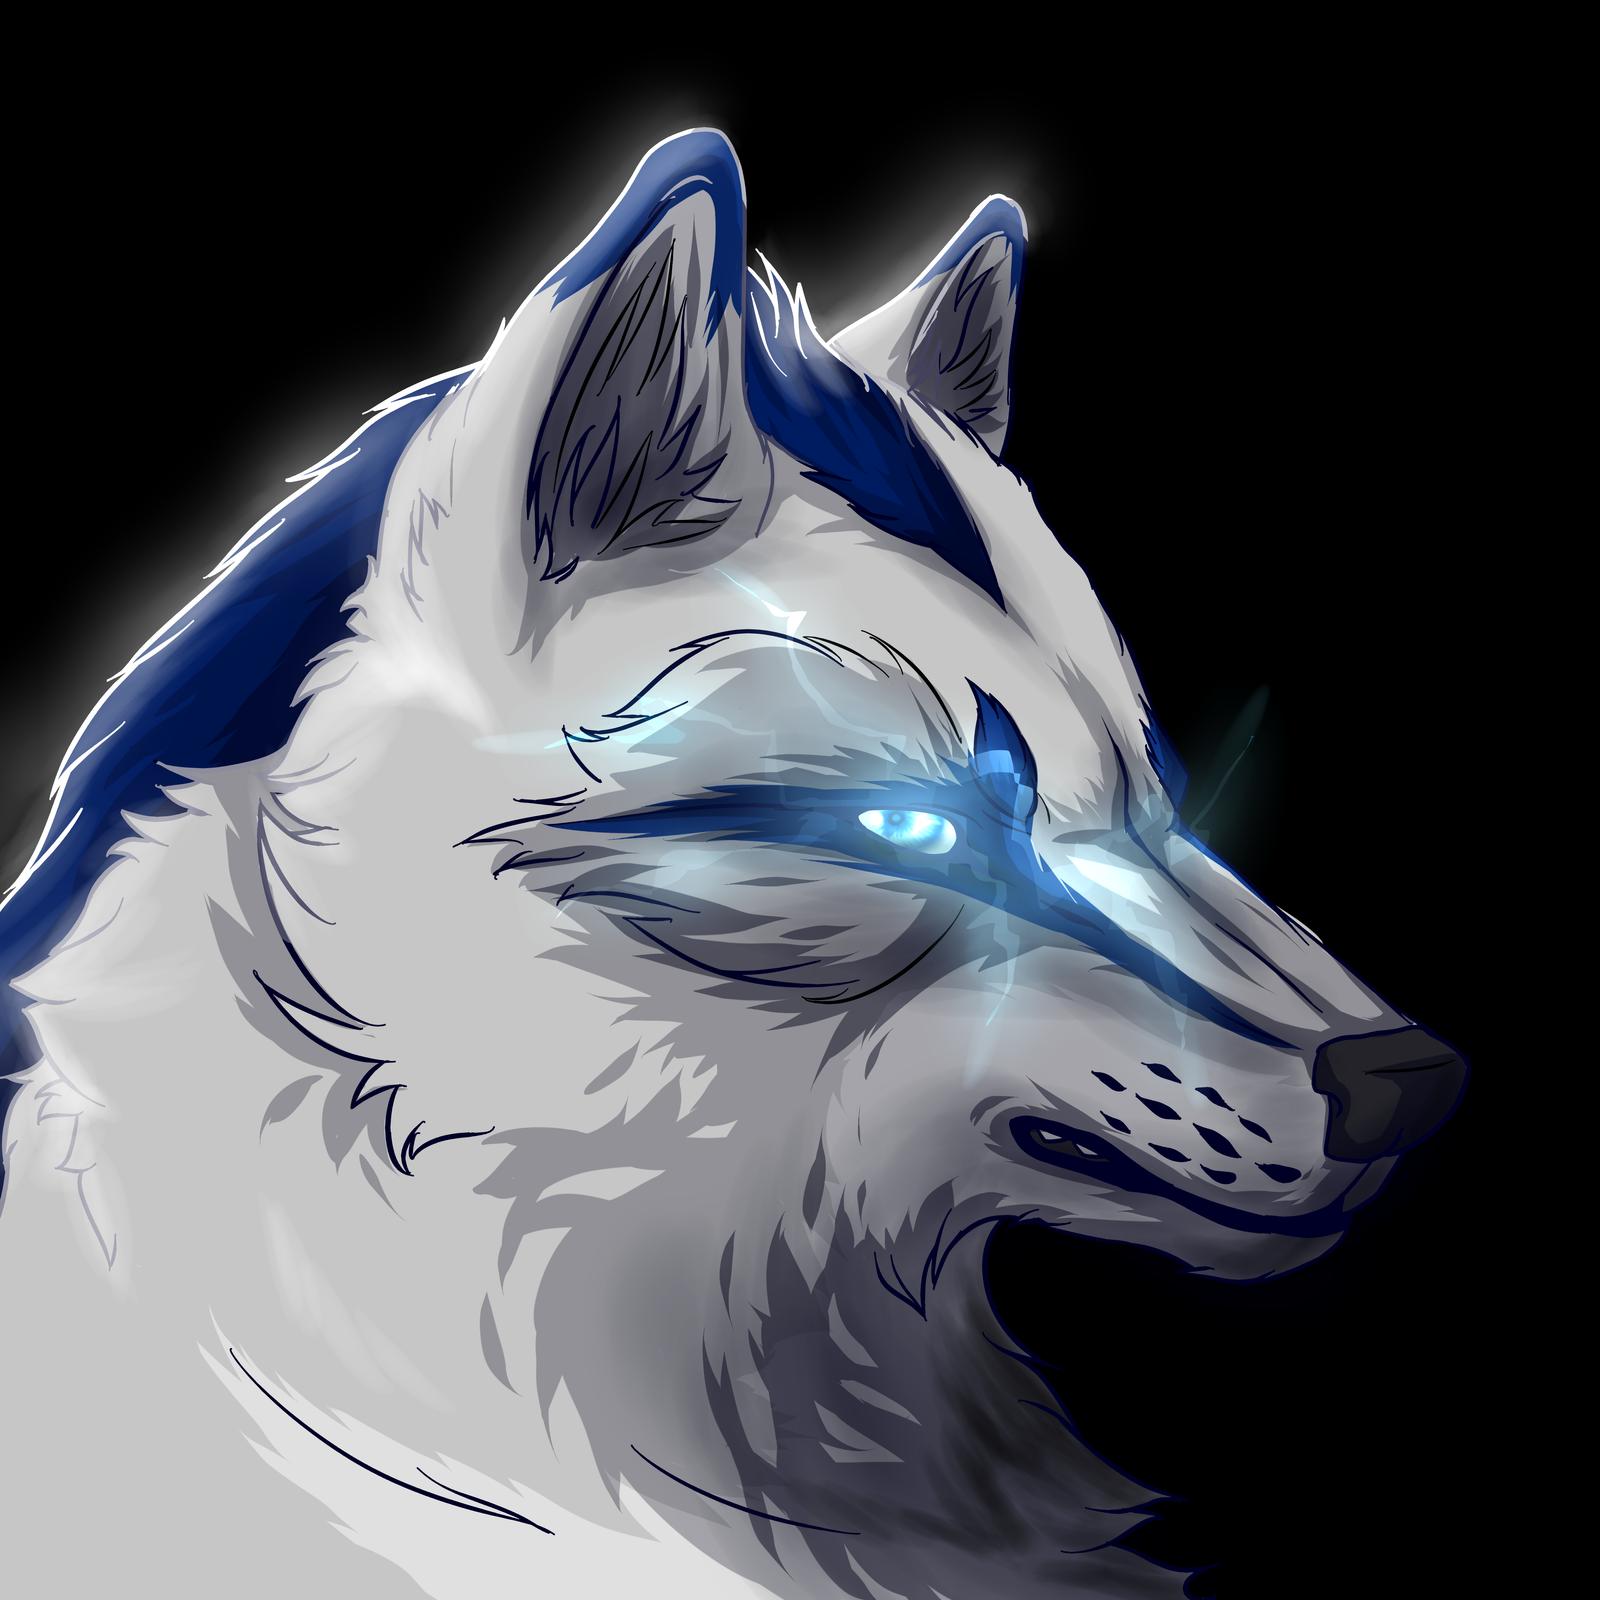 Storm-Cwalker's Profile Picture